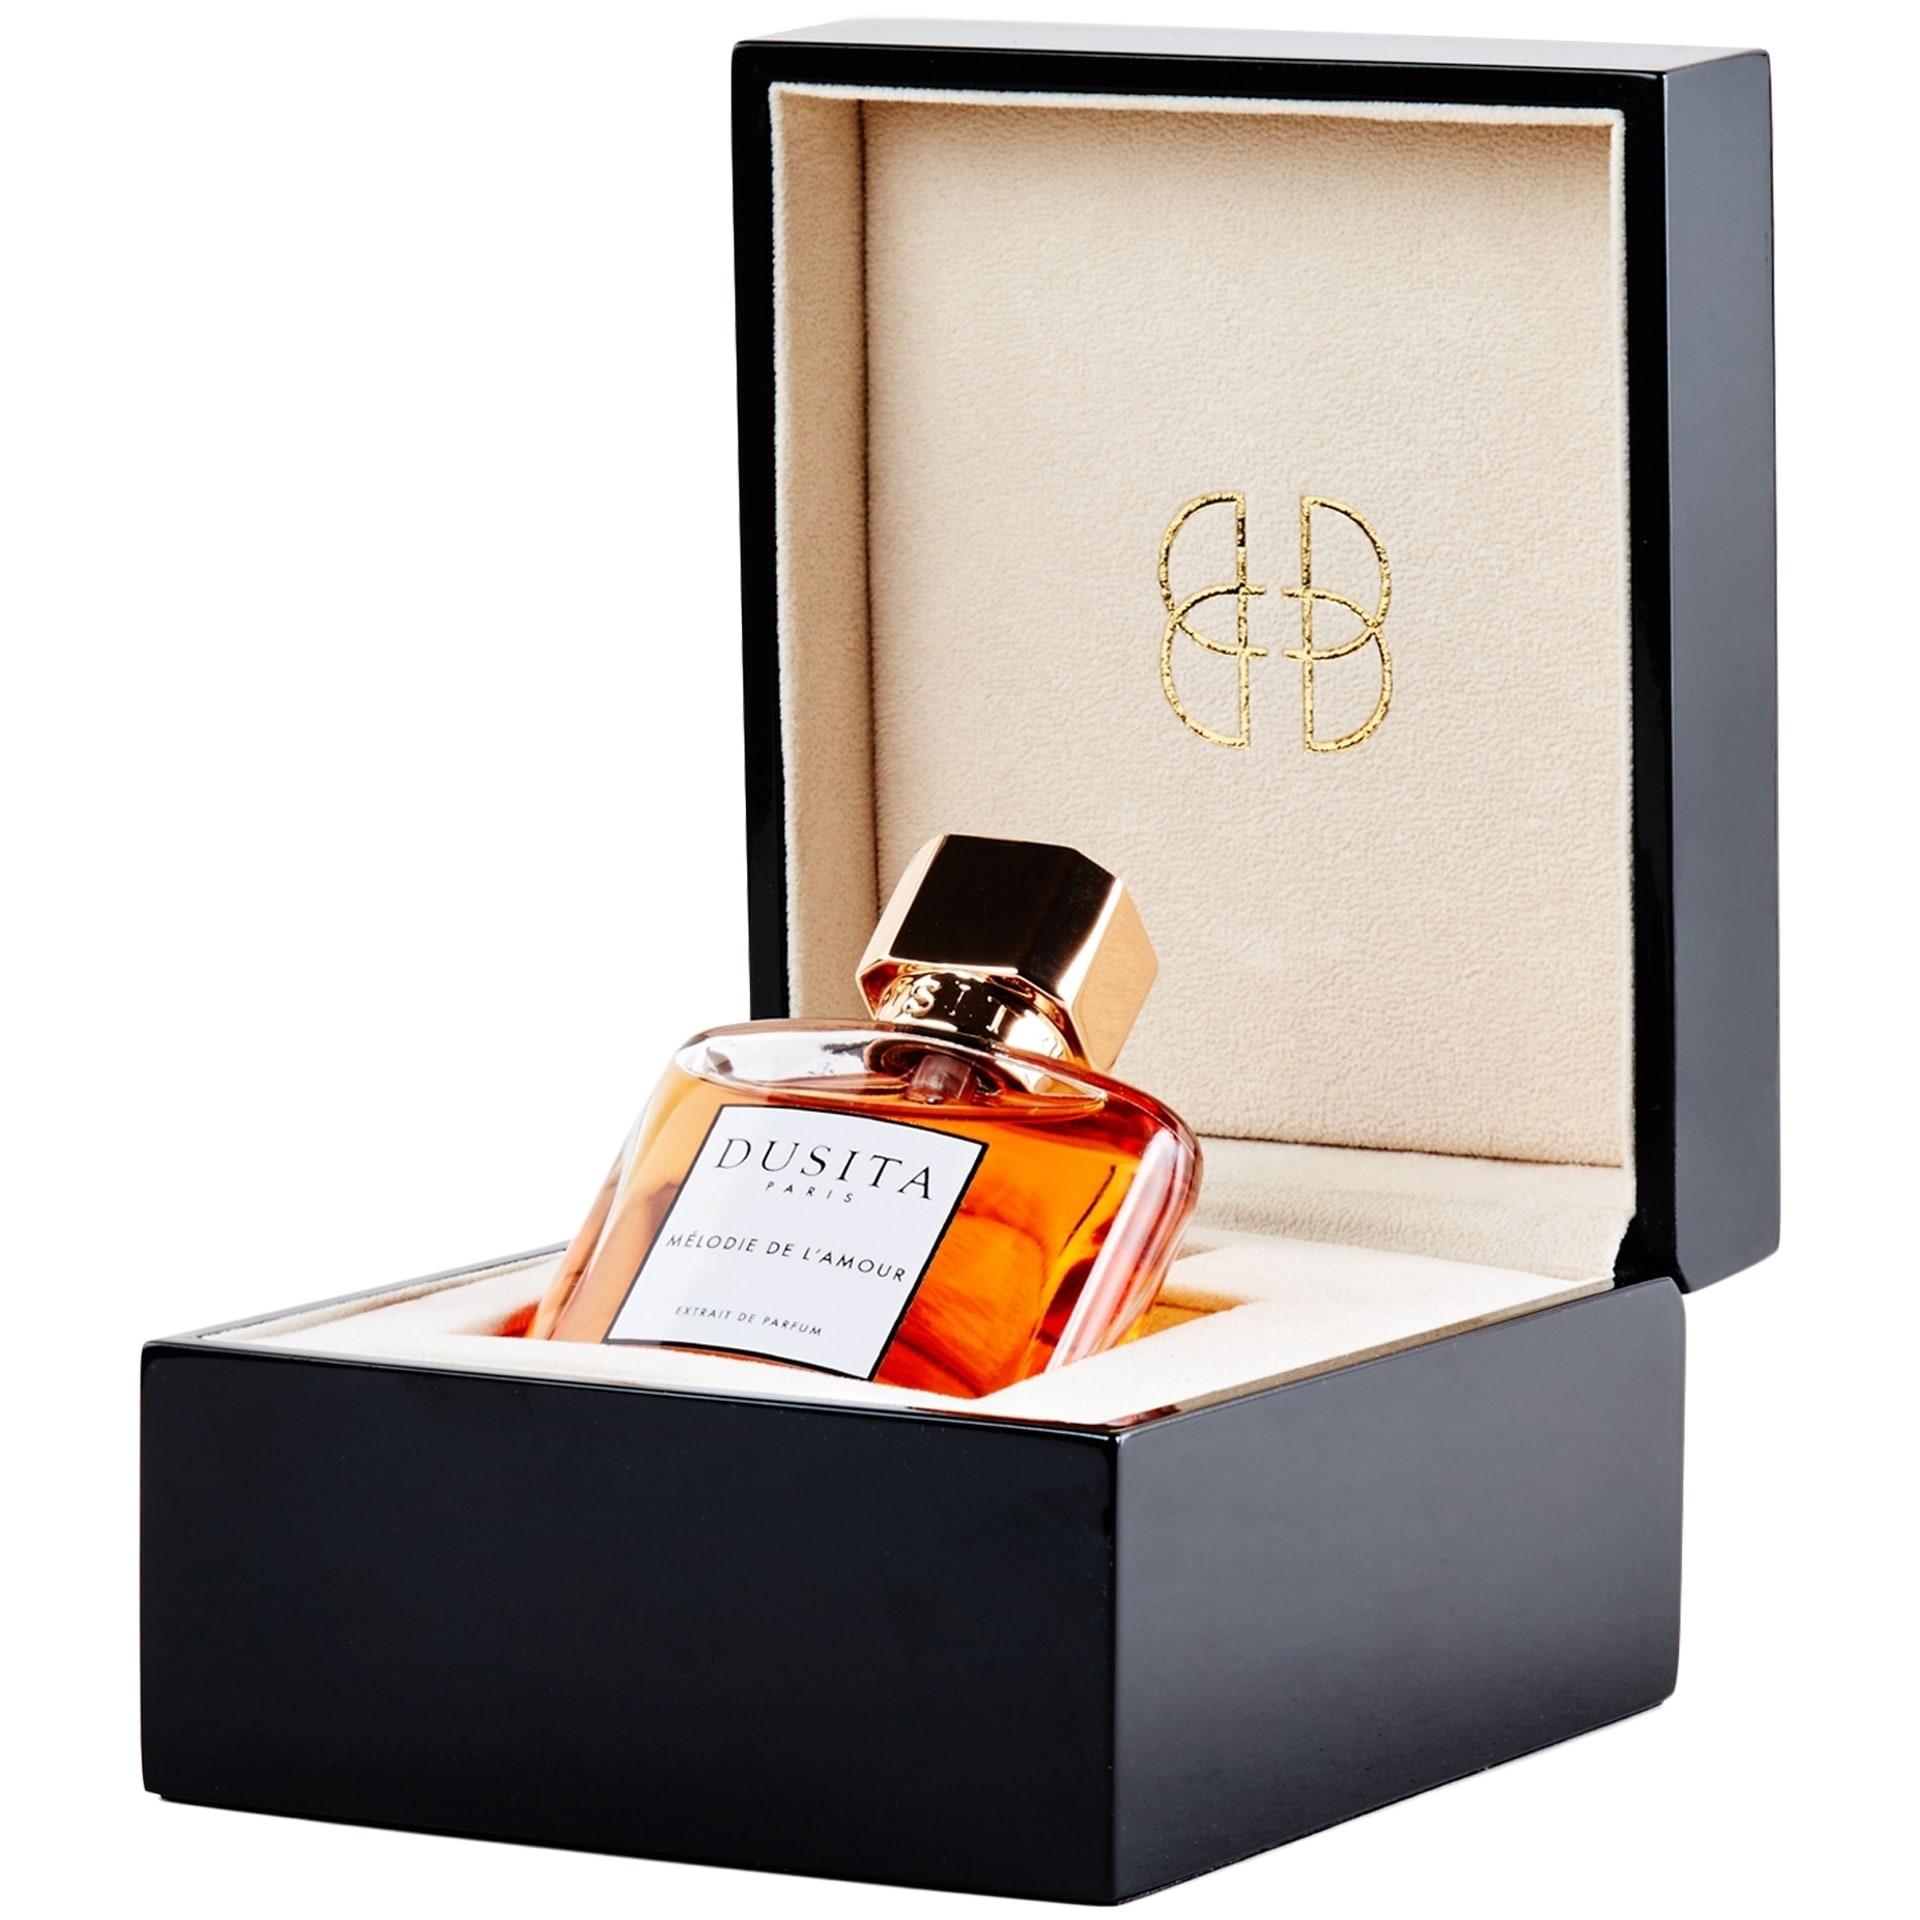 perfume-dusita-melodie-de-l-amour-1